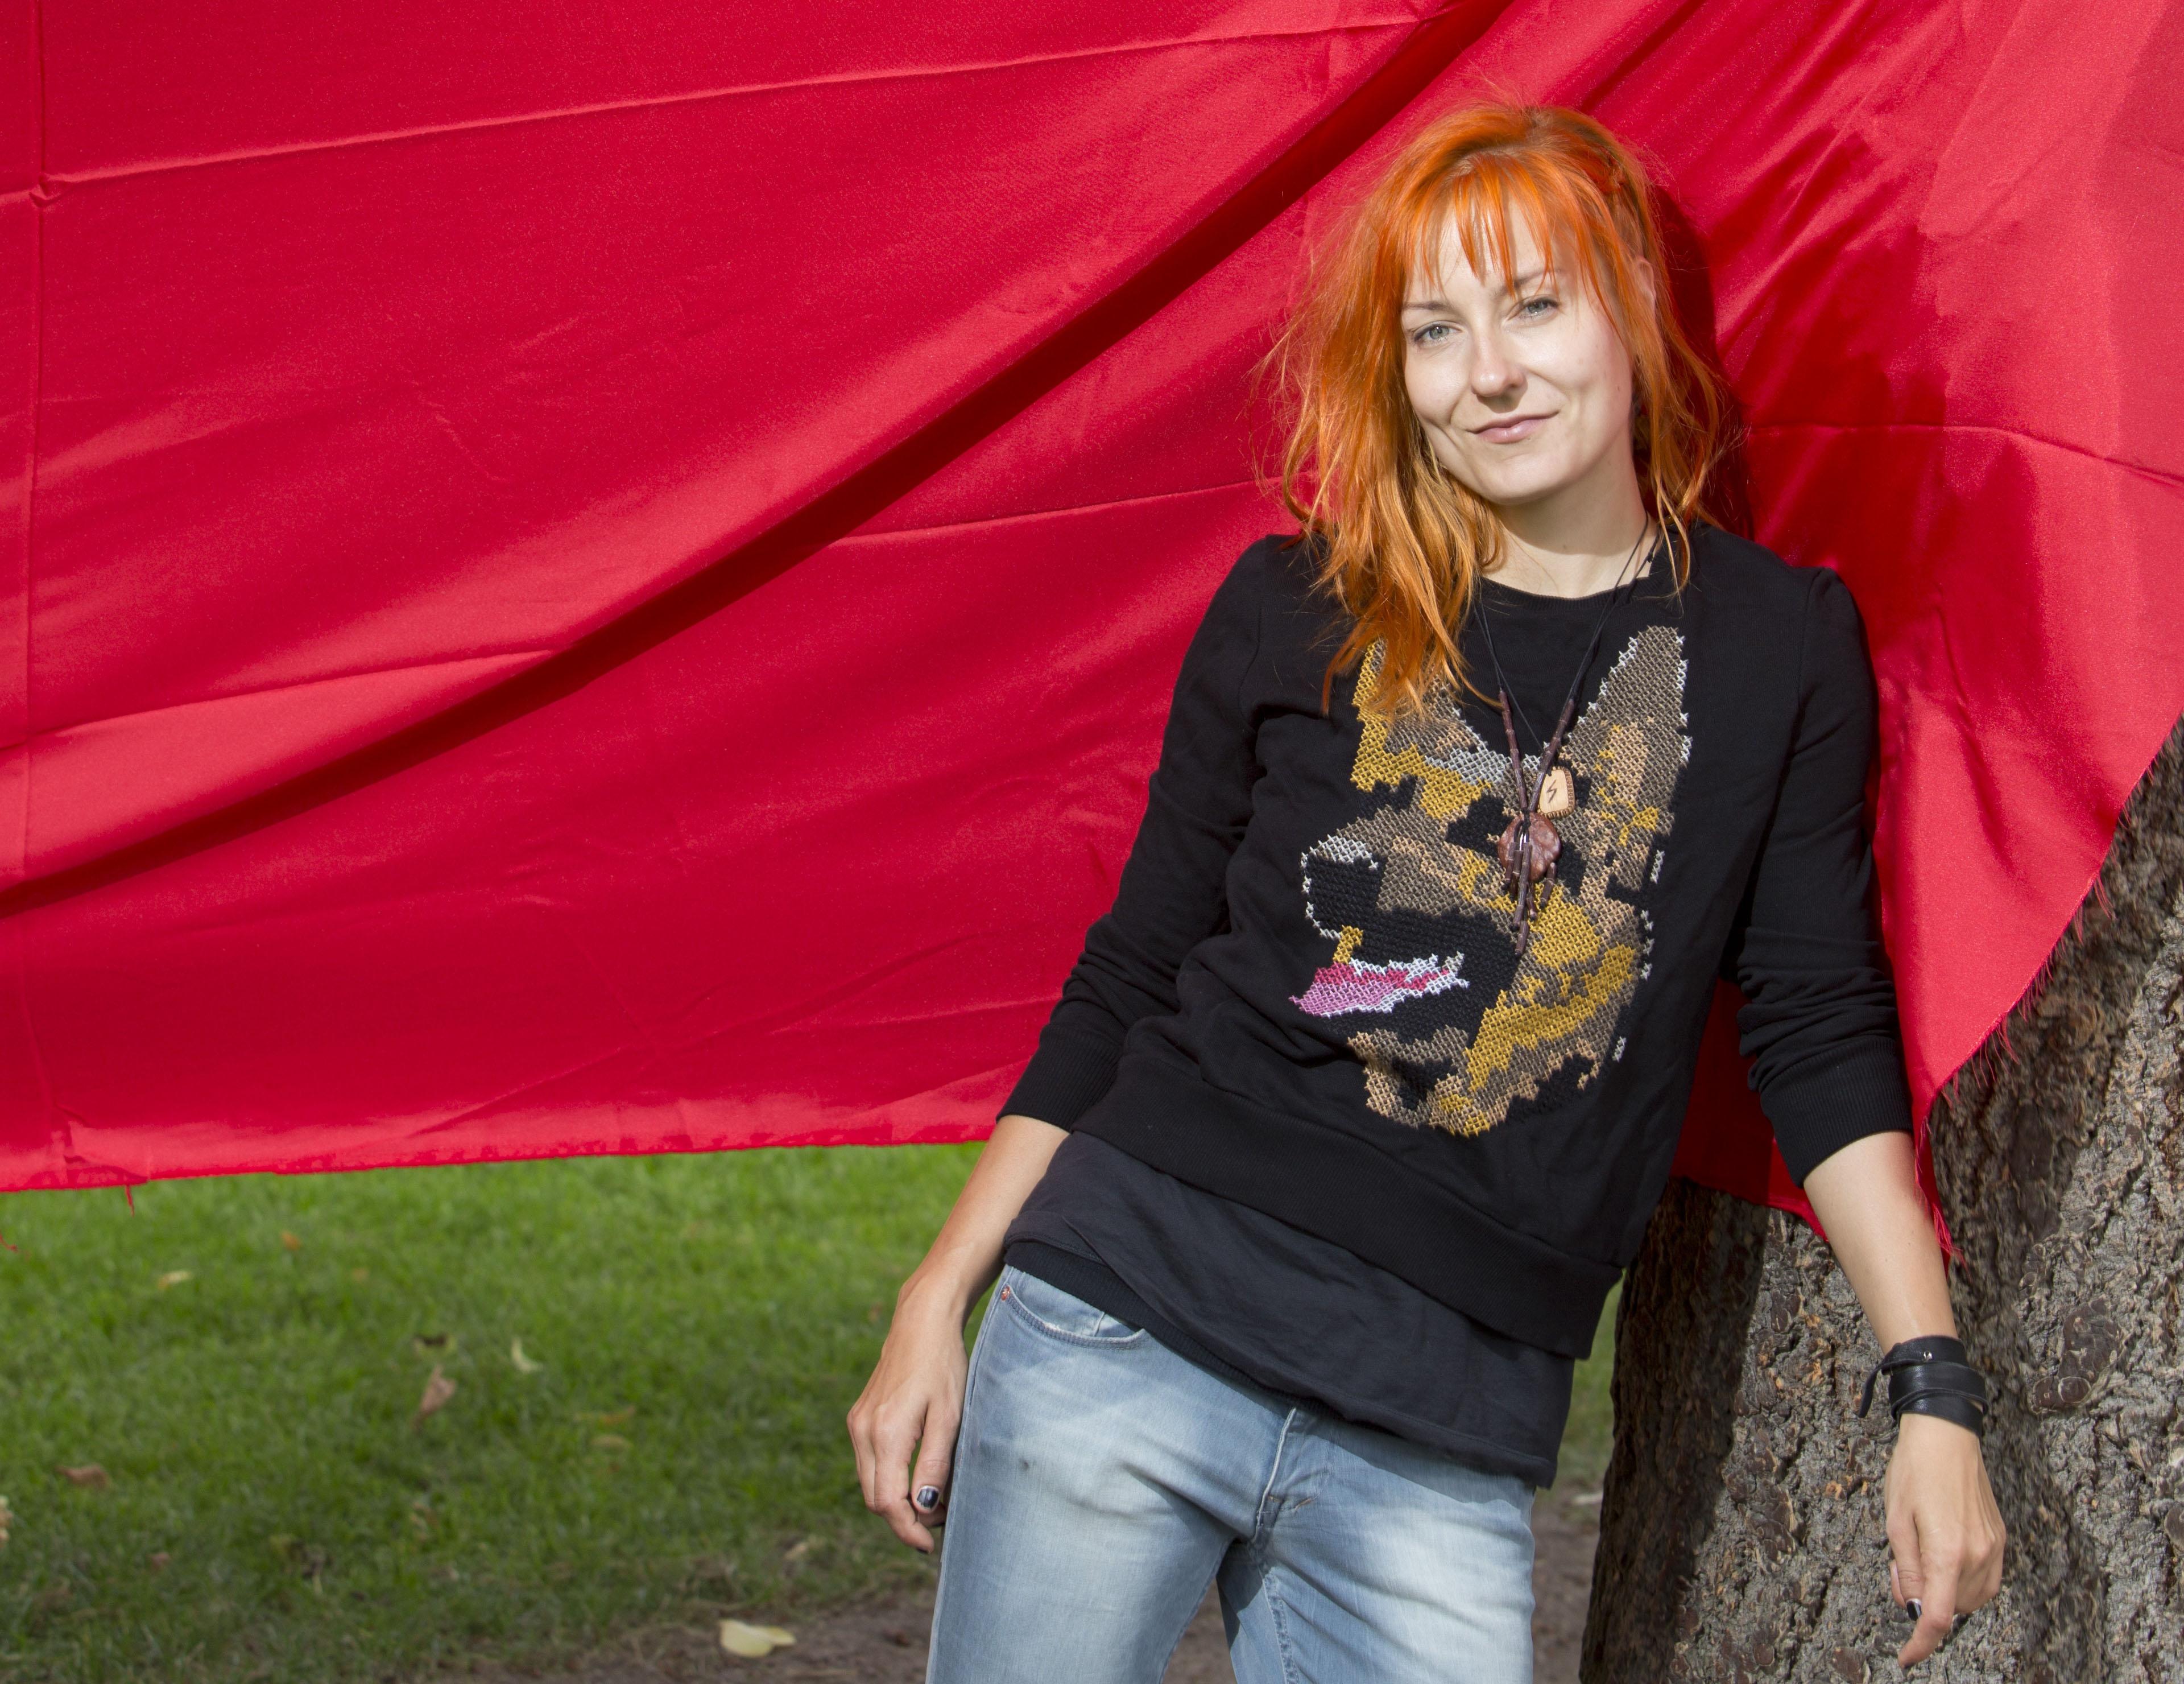 Mariska kertoo Anna-lehden jutussa myös nuoruuden kapinastaan ja punkkarivaiheestaan.